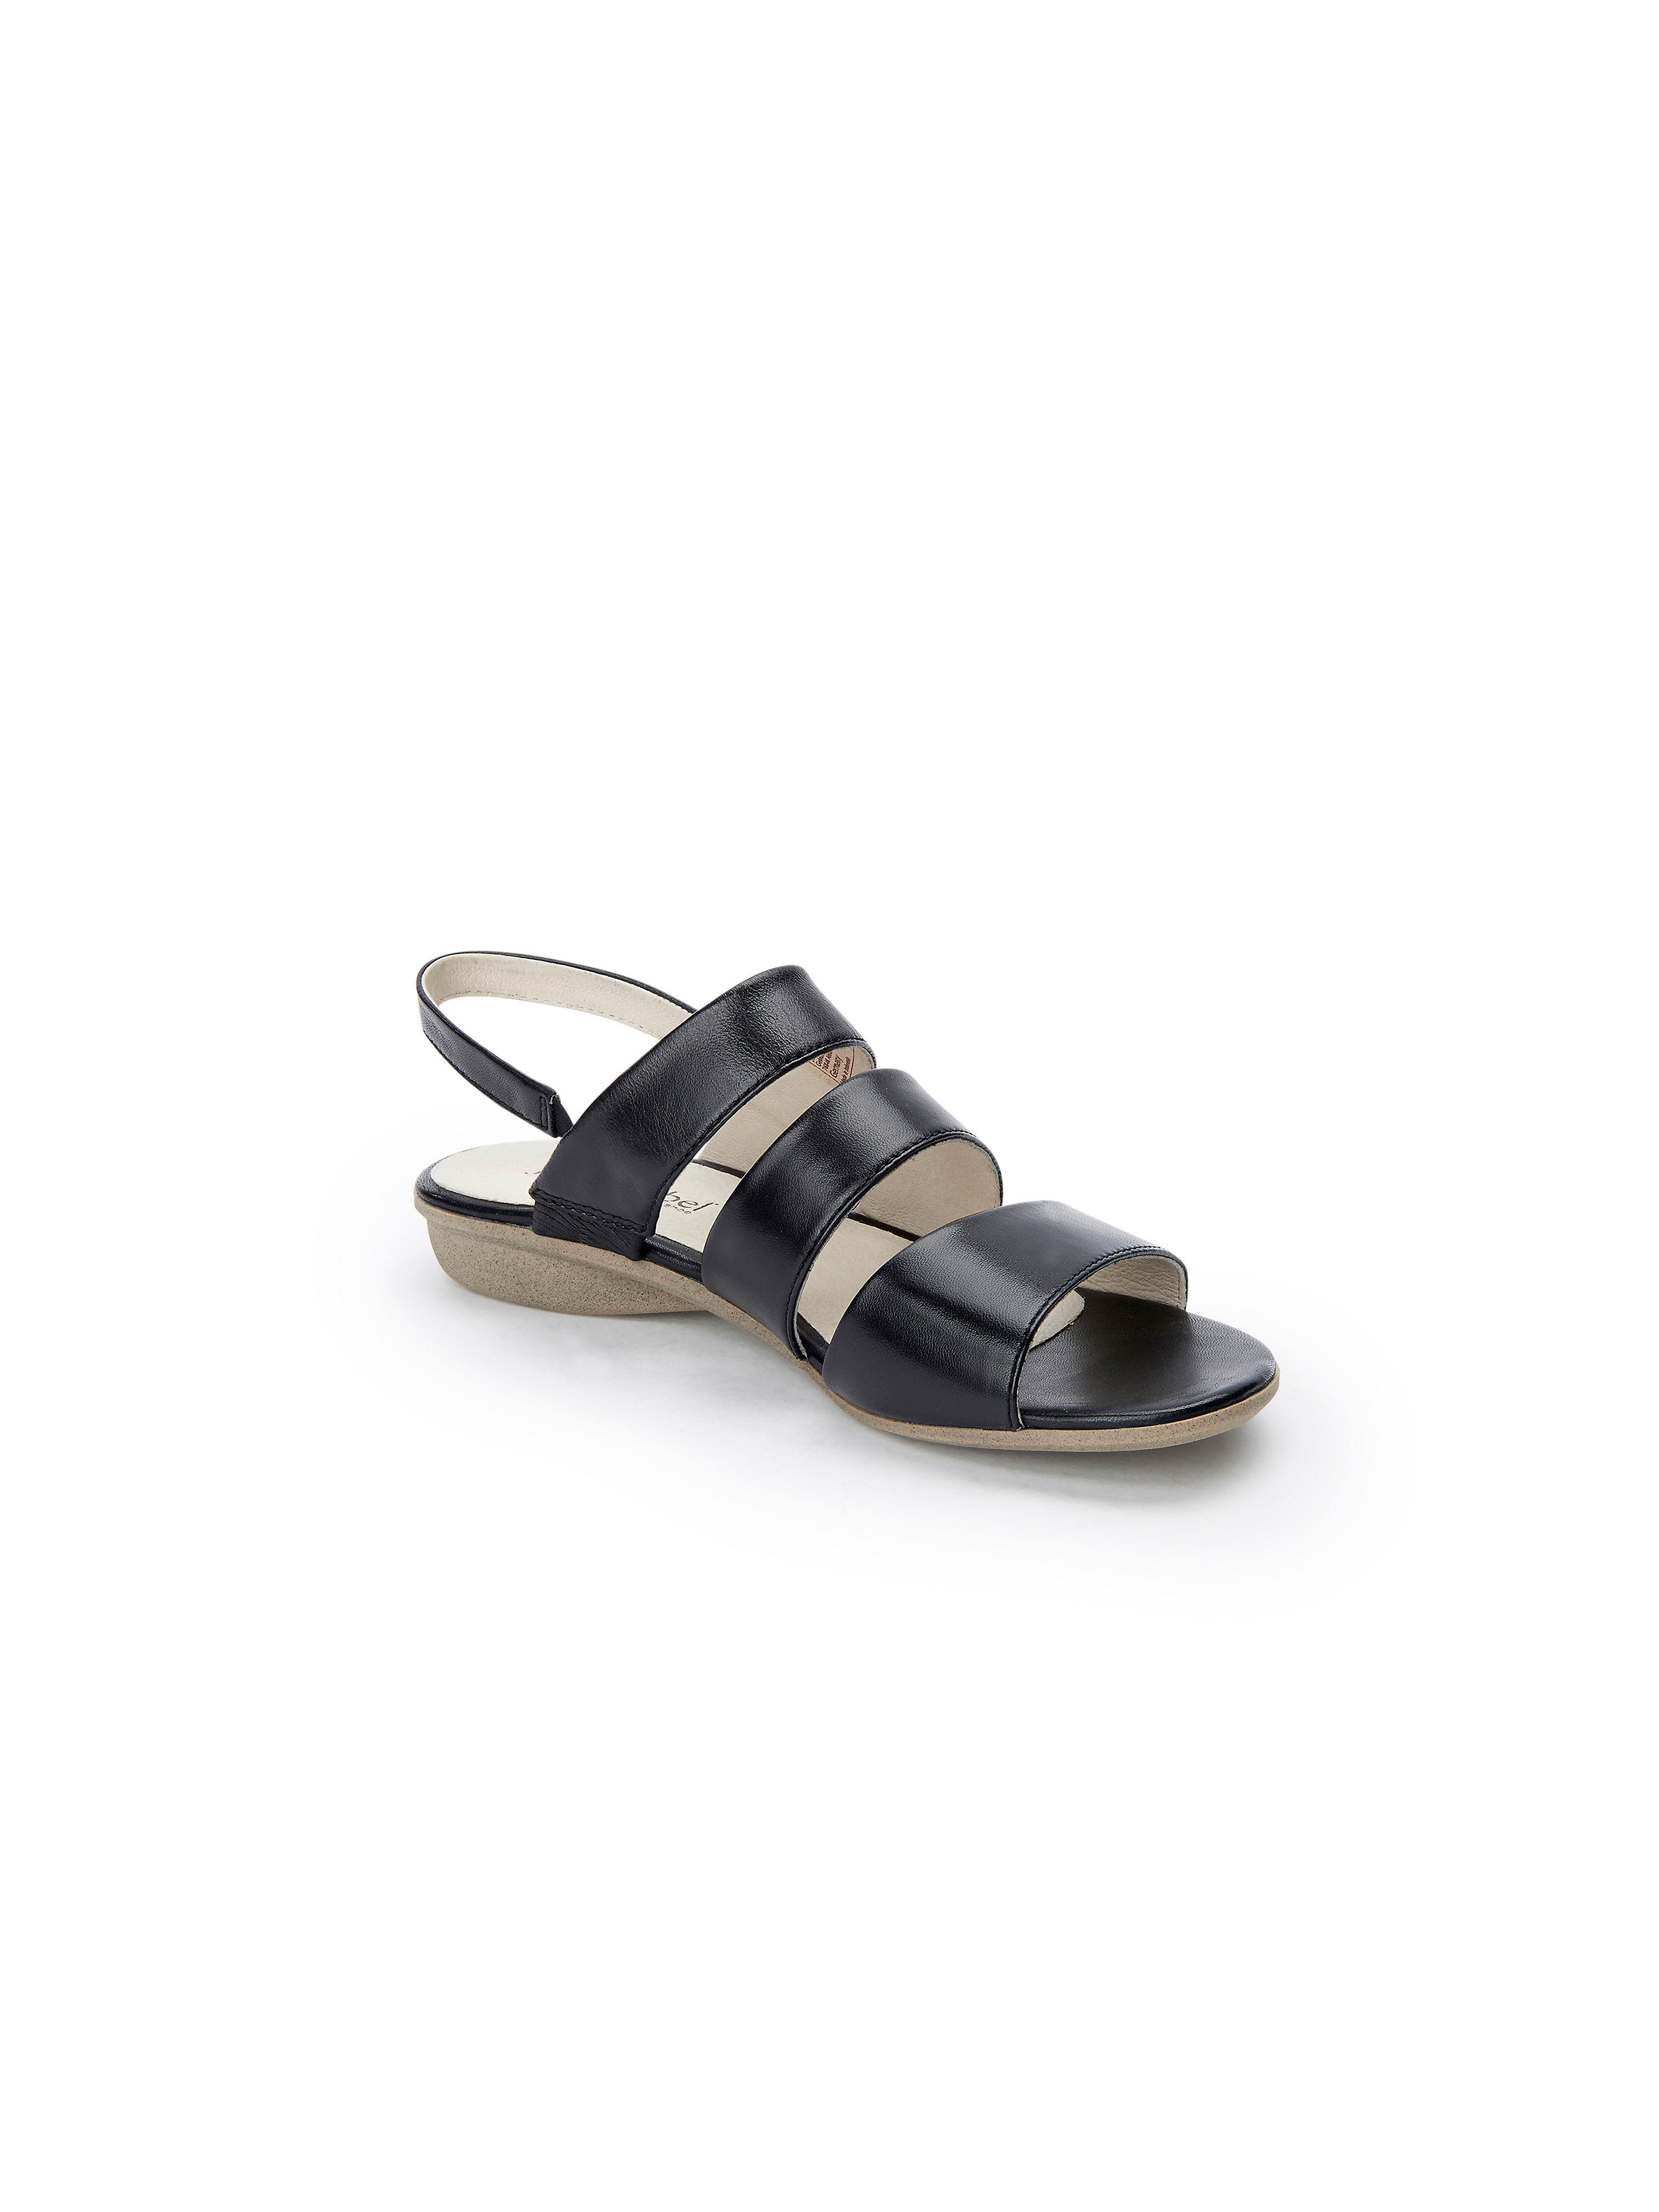 Josef Seibel - Sandale aus 100% Leder - Schwarz Gute Qualität beliebte Schuhe